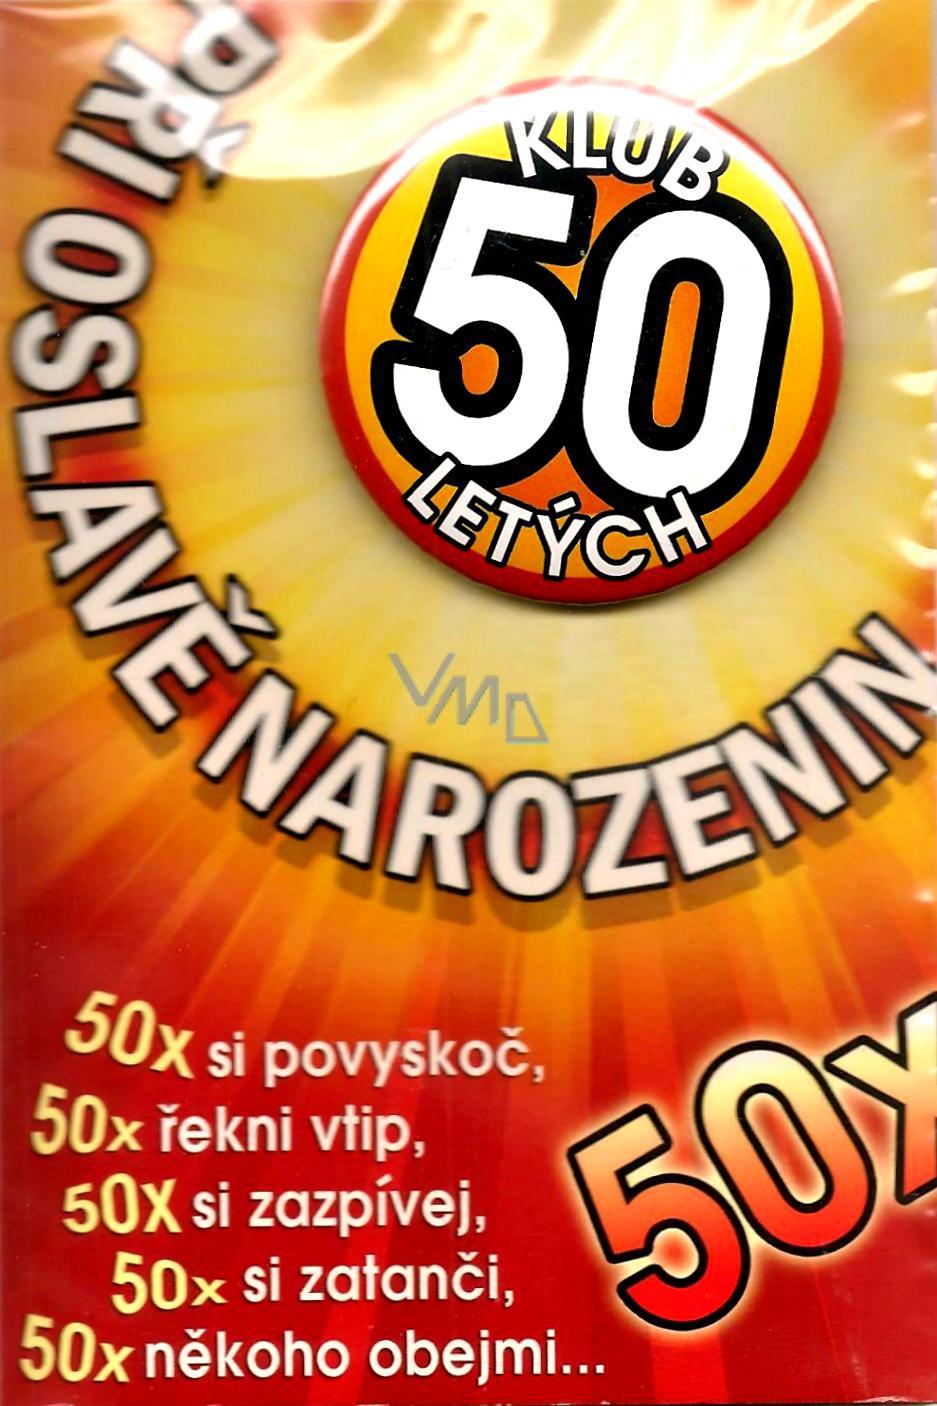 přání k 50 tým narozeninám Nekupto Přání k narozeninám Klub 50 letých   VMD drogerie přání k 50 tým narozeninám